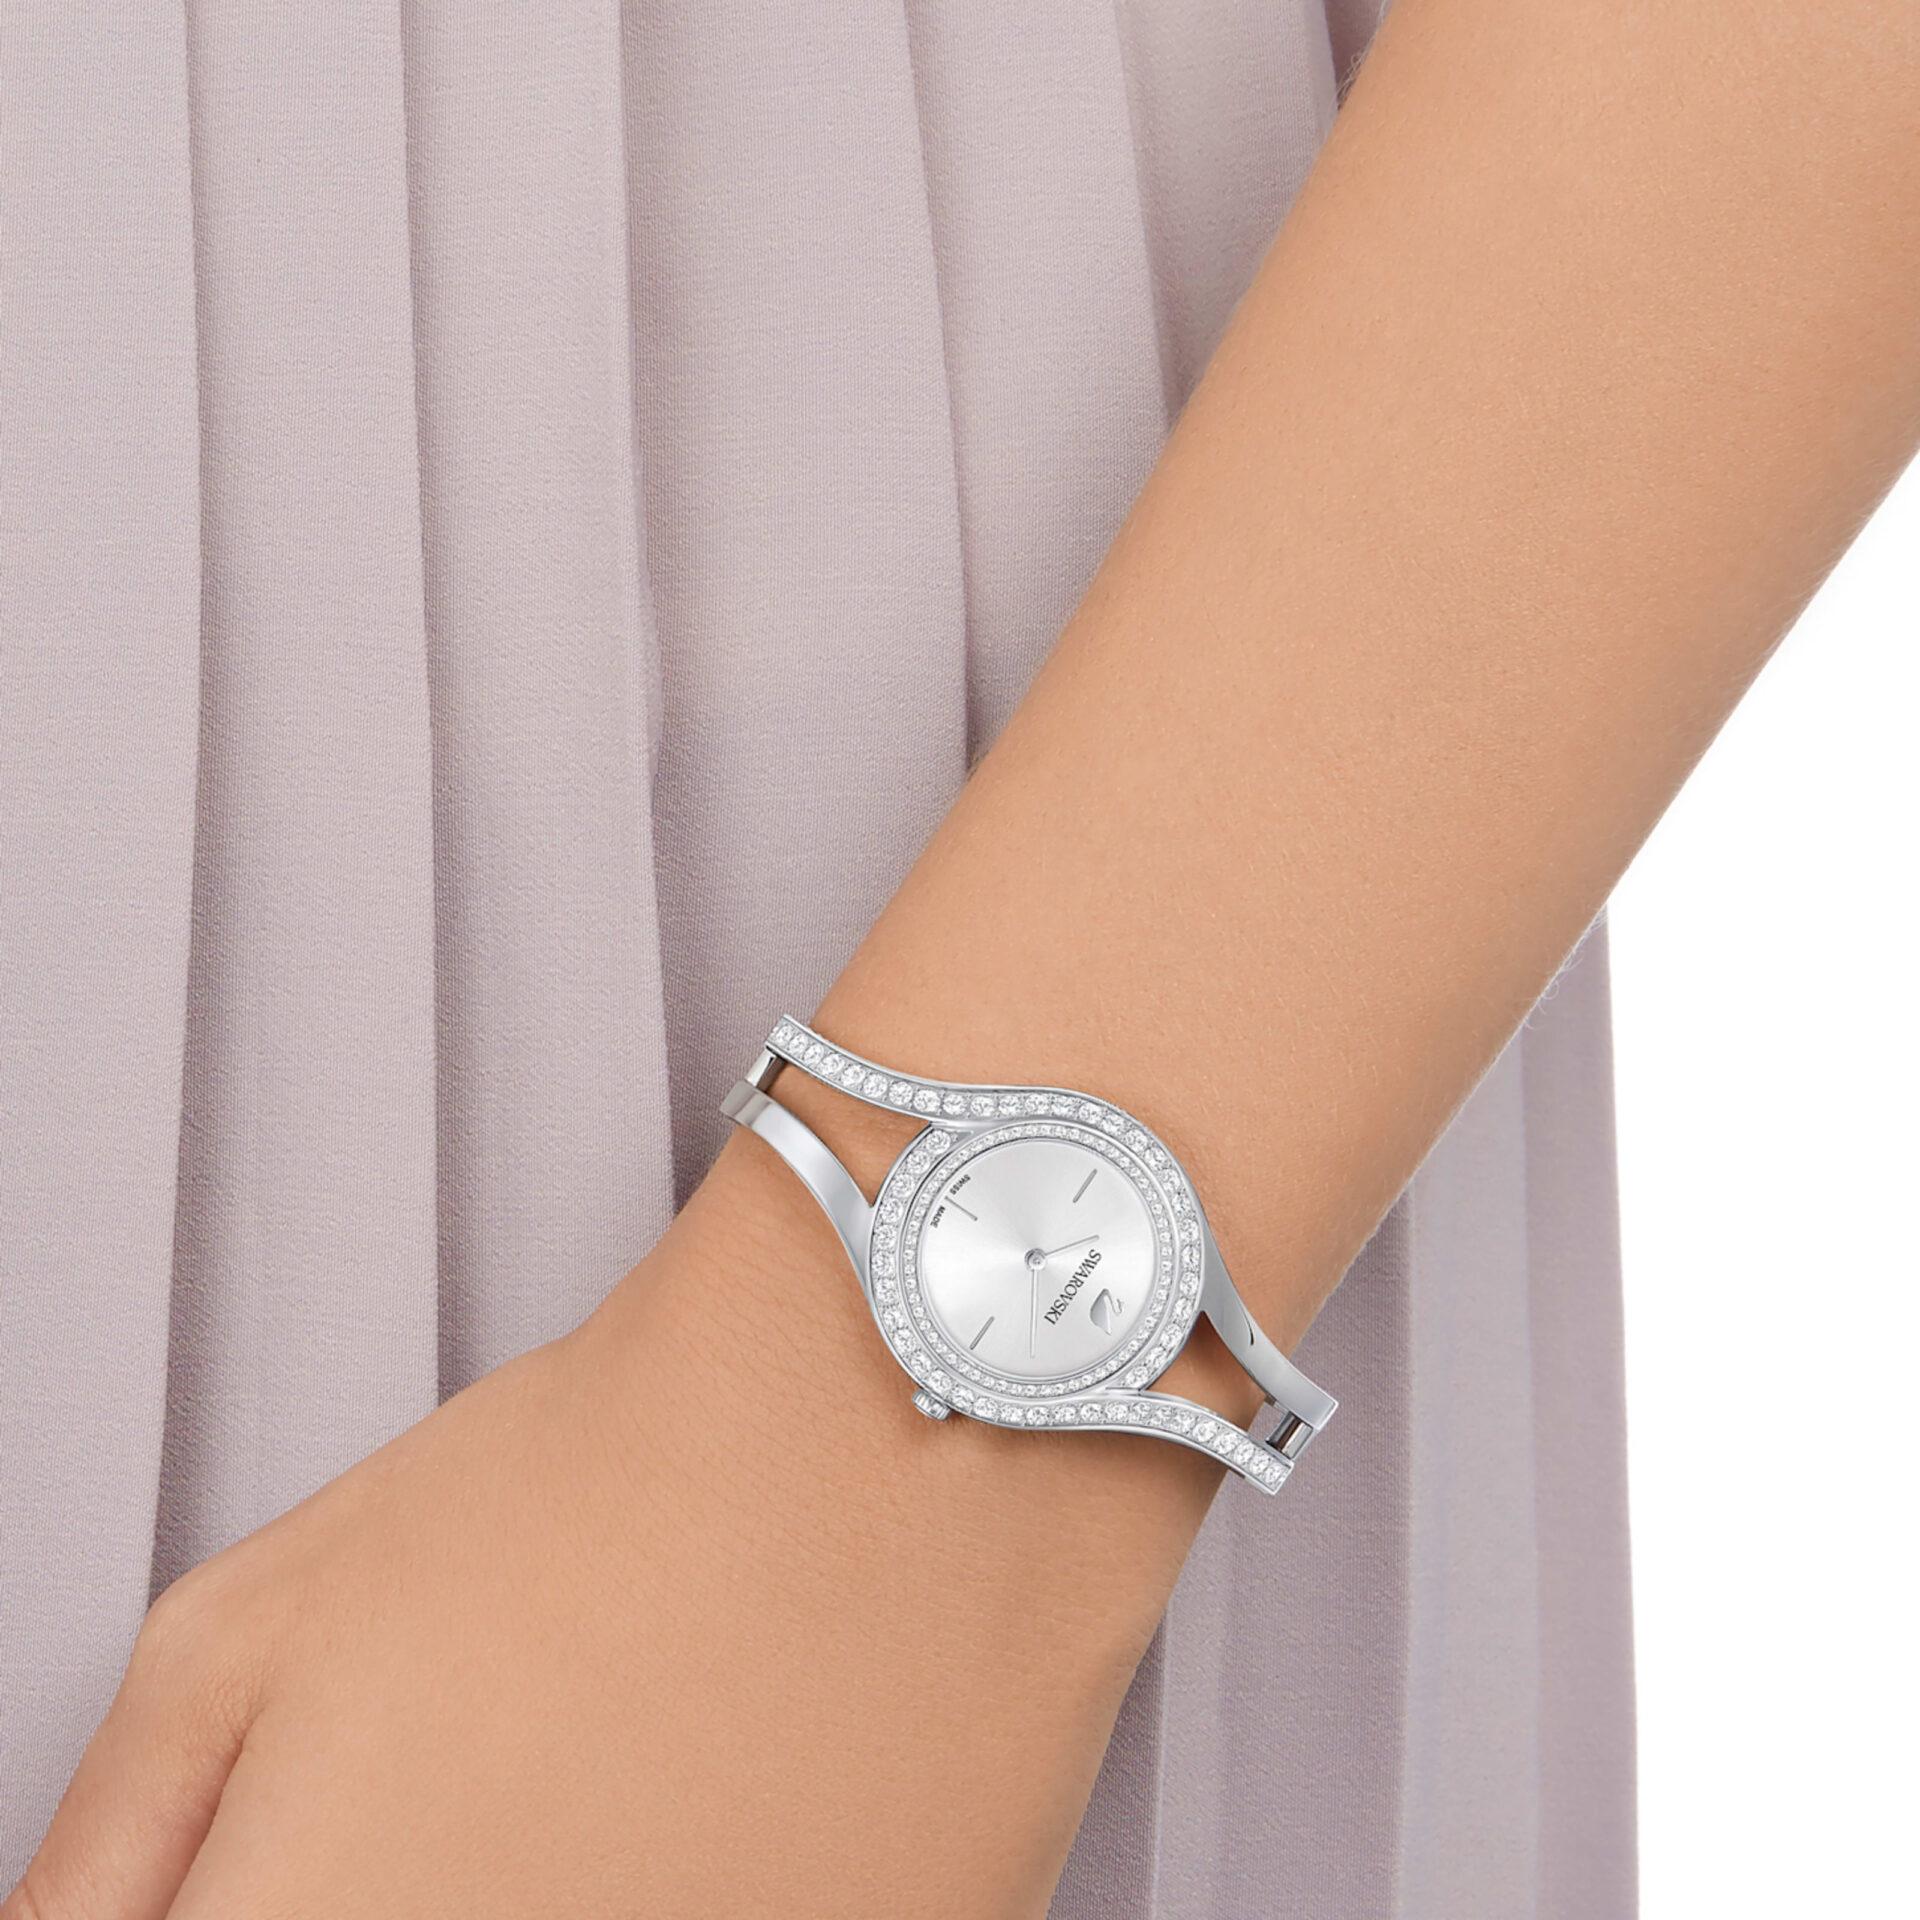 Montre Eternal Bracelet en métal, Ton argenté, Acier, Swarovski